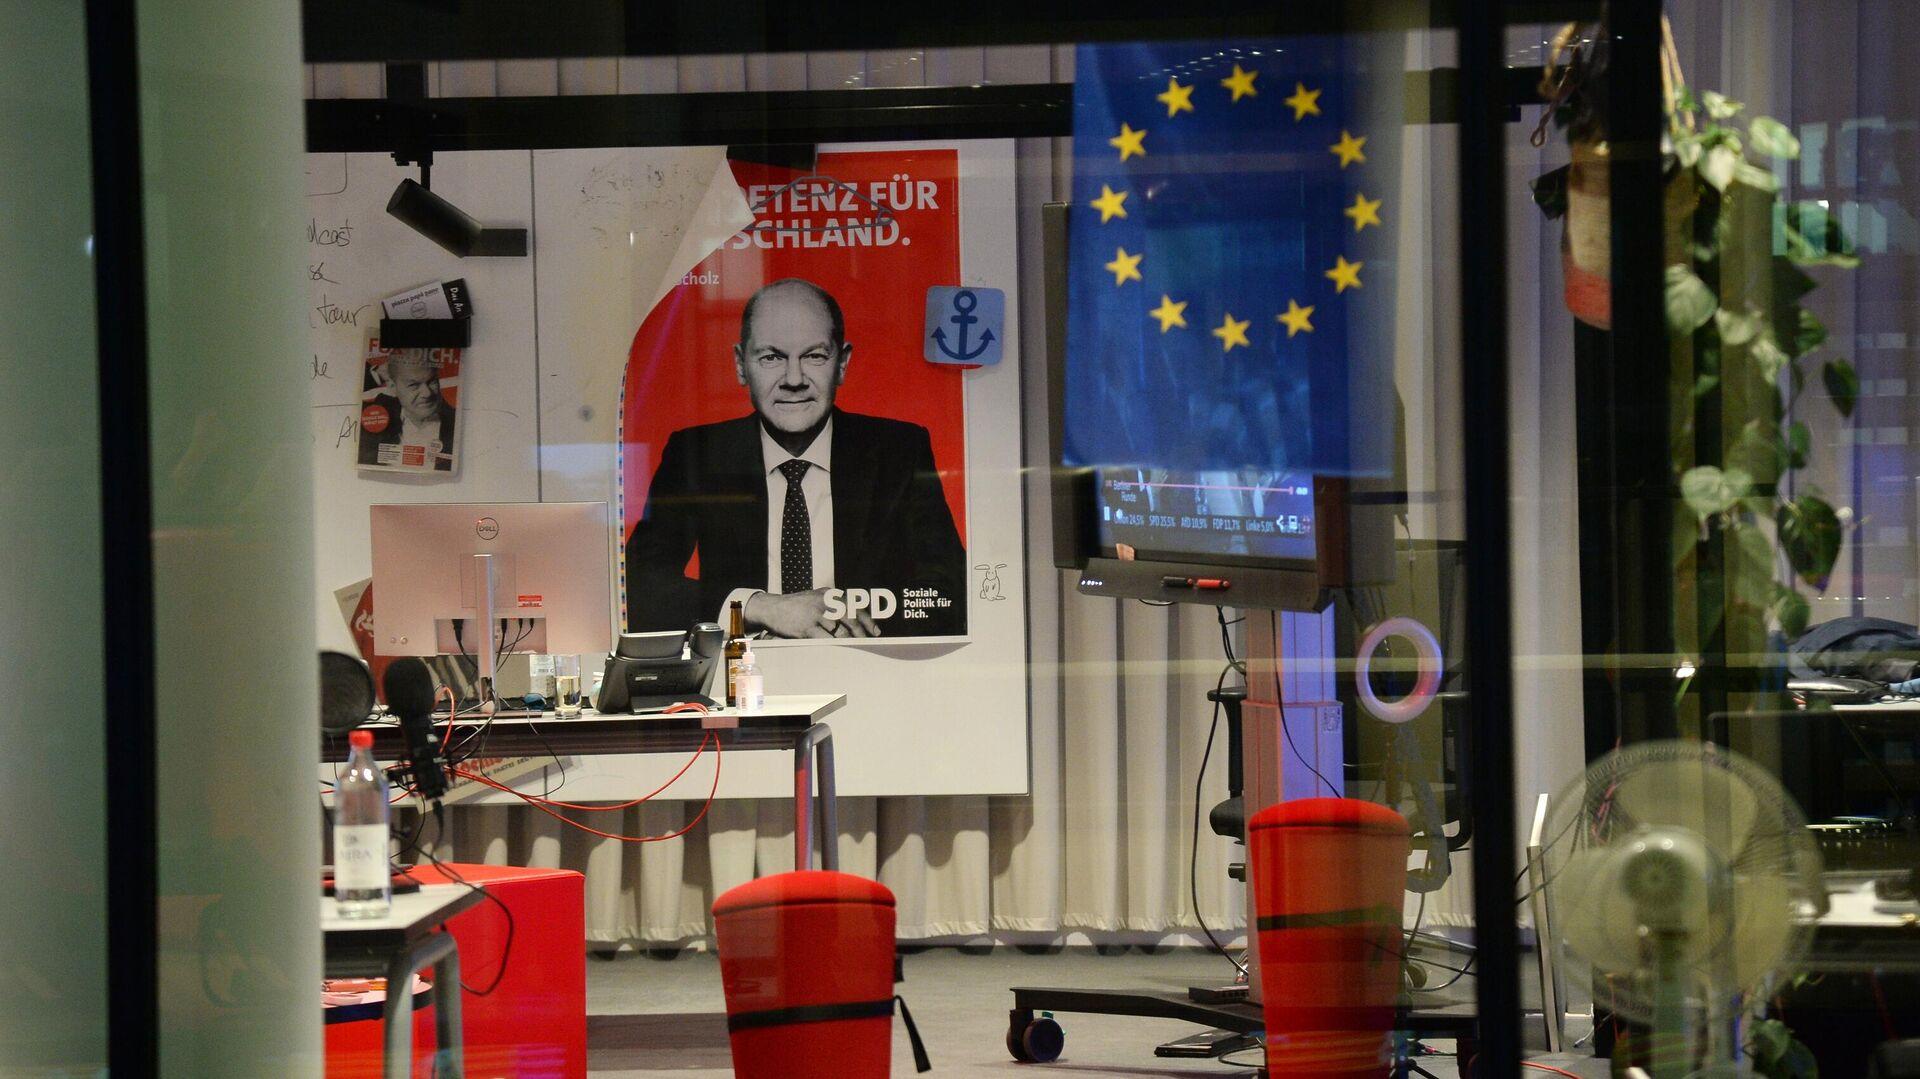 Агитационный плакат вице-канцлера Германии и министра финансов Германии, кандидата на пост канцлера от Социал-демократической партия Германии Олафа Шольца - РИА Новости, 1920, 27.09.2021